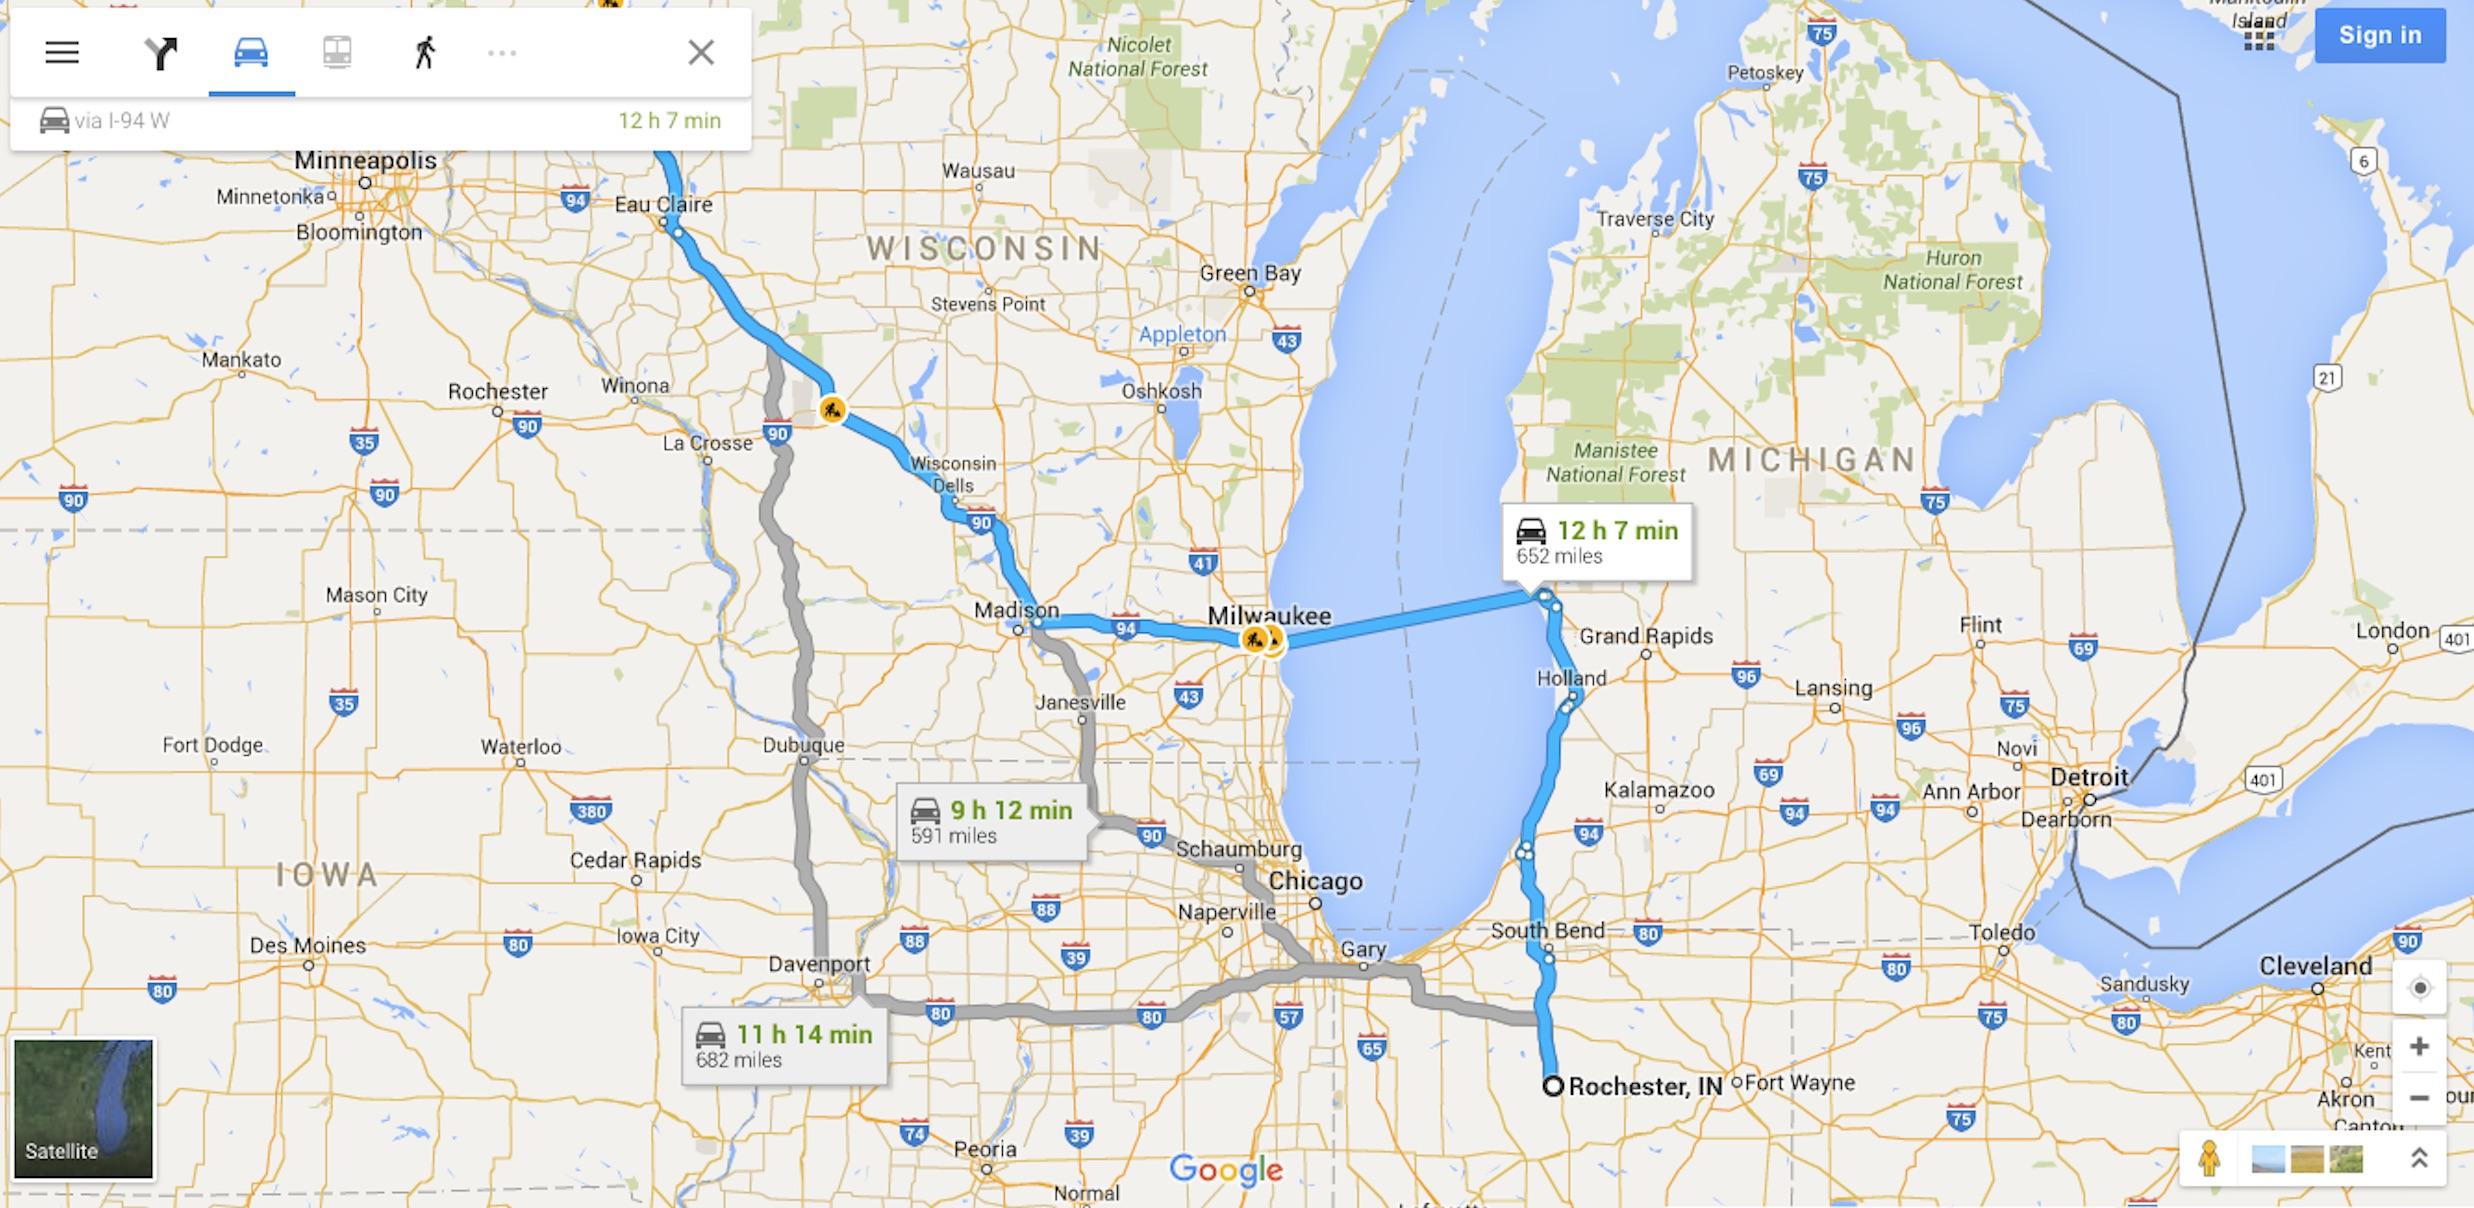 Let's drive across Lake Michigan!